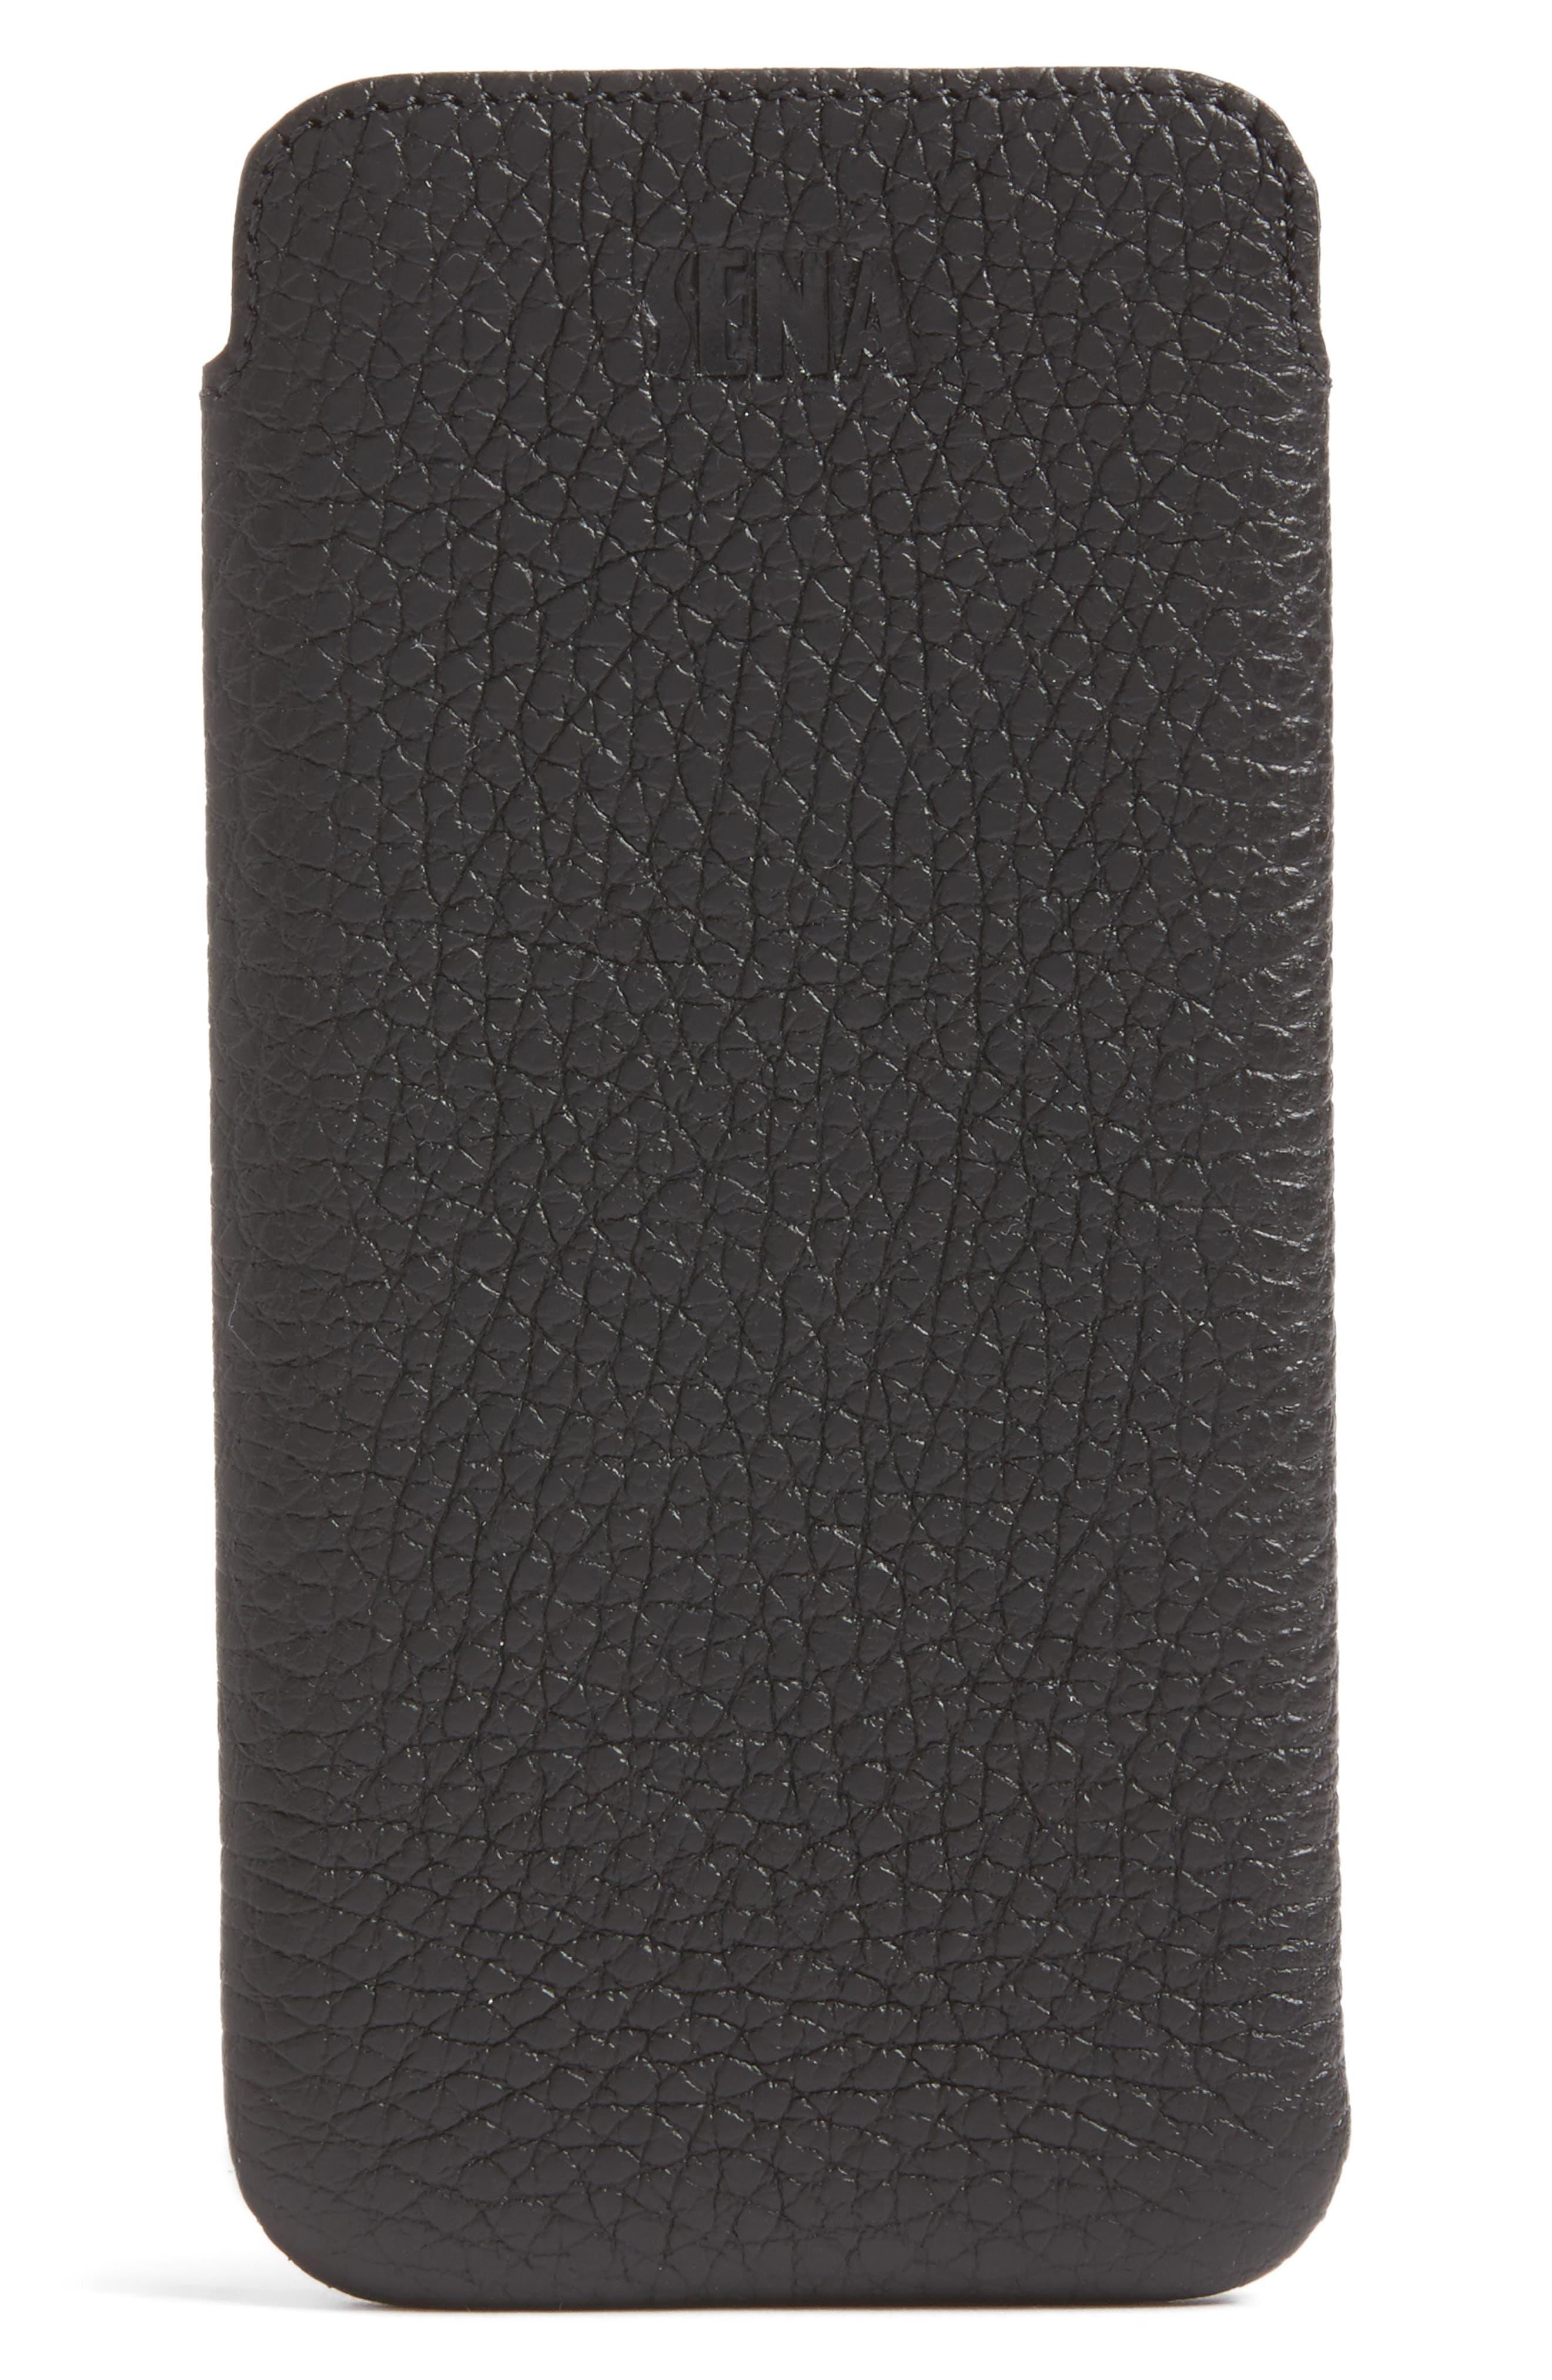 Sena Ultra Slim Classic iPhone 6/7/8 Case